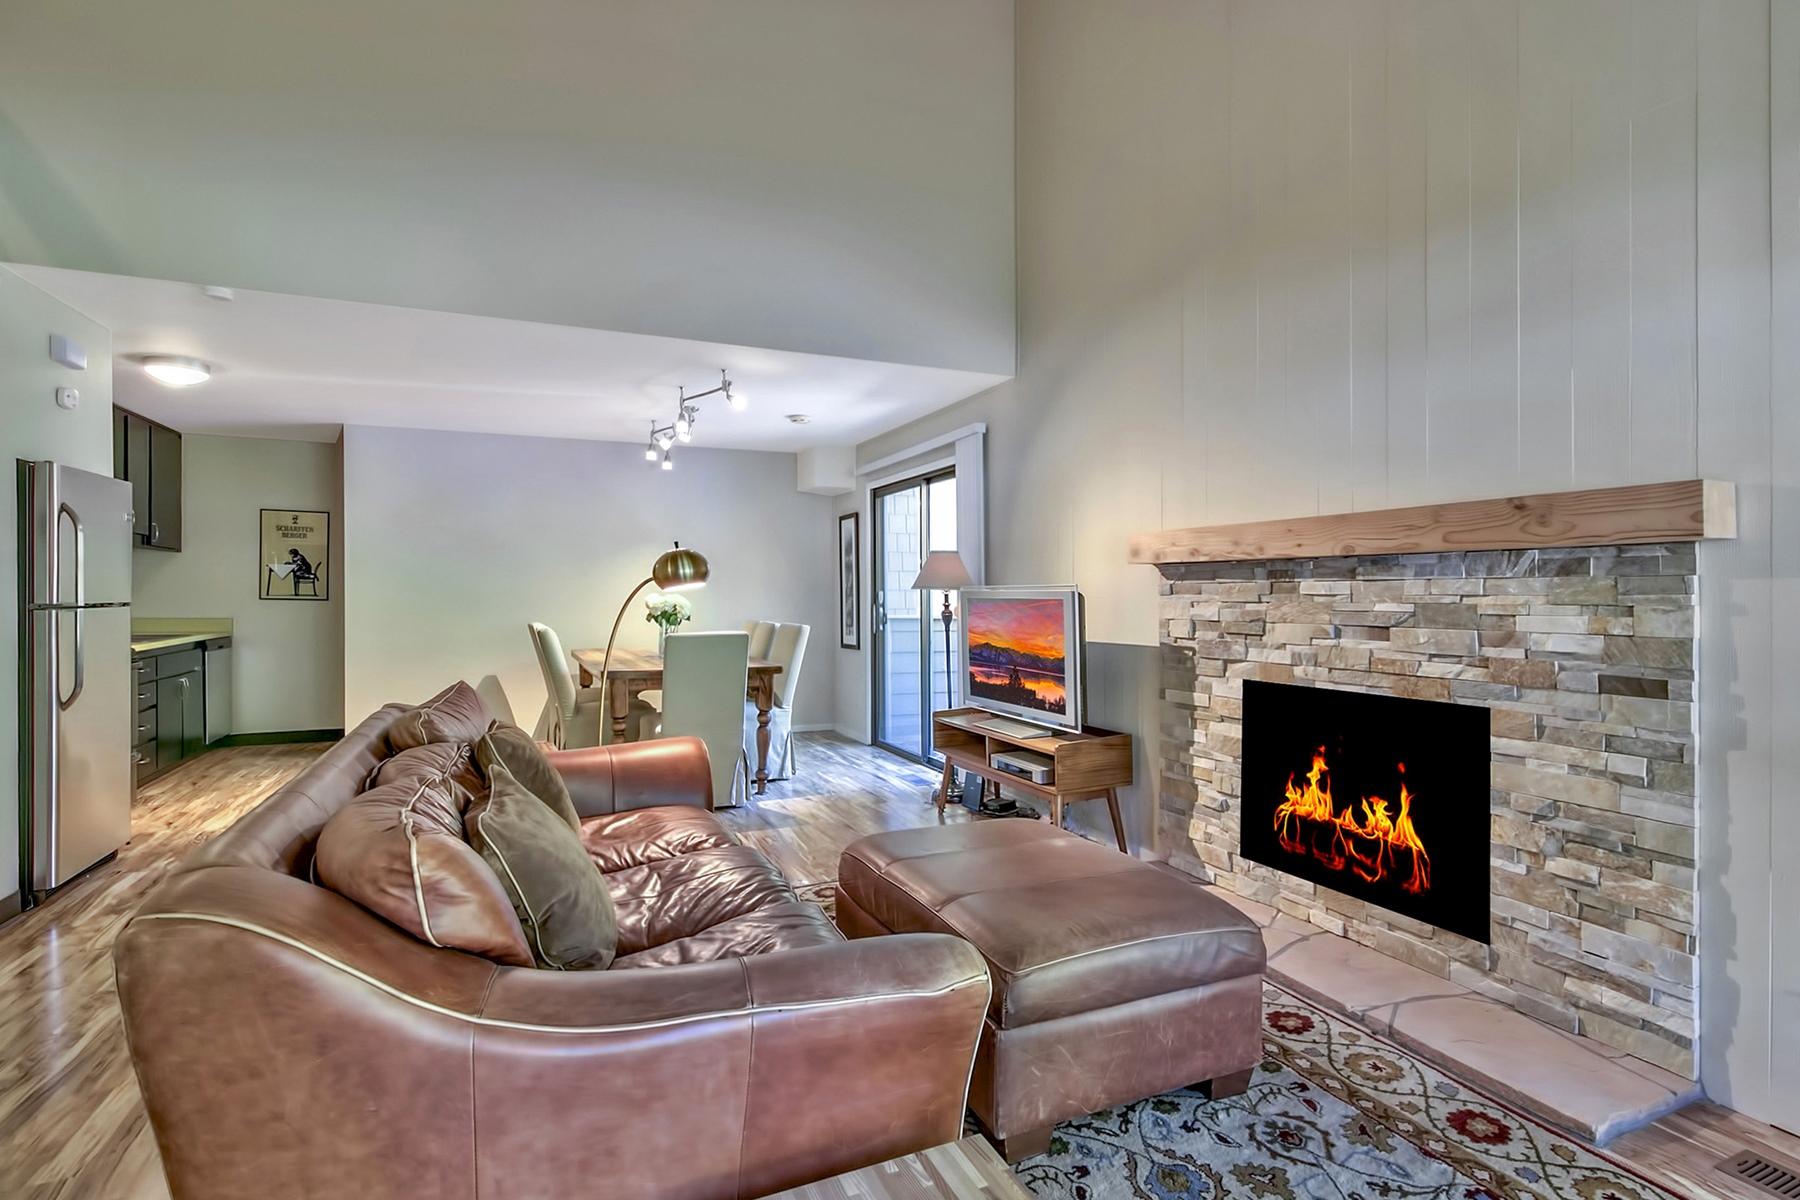 Condominium for Sale at 136 Juanita Drive #27, Incline Village, Nevada 136 Juanita Drive #27 Incline Village, Nevada, 89451 Lake Tahoe, United States